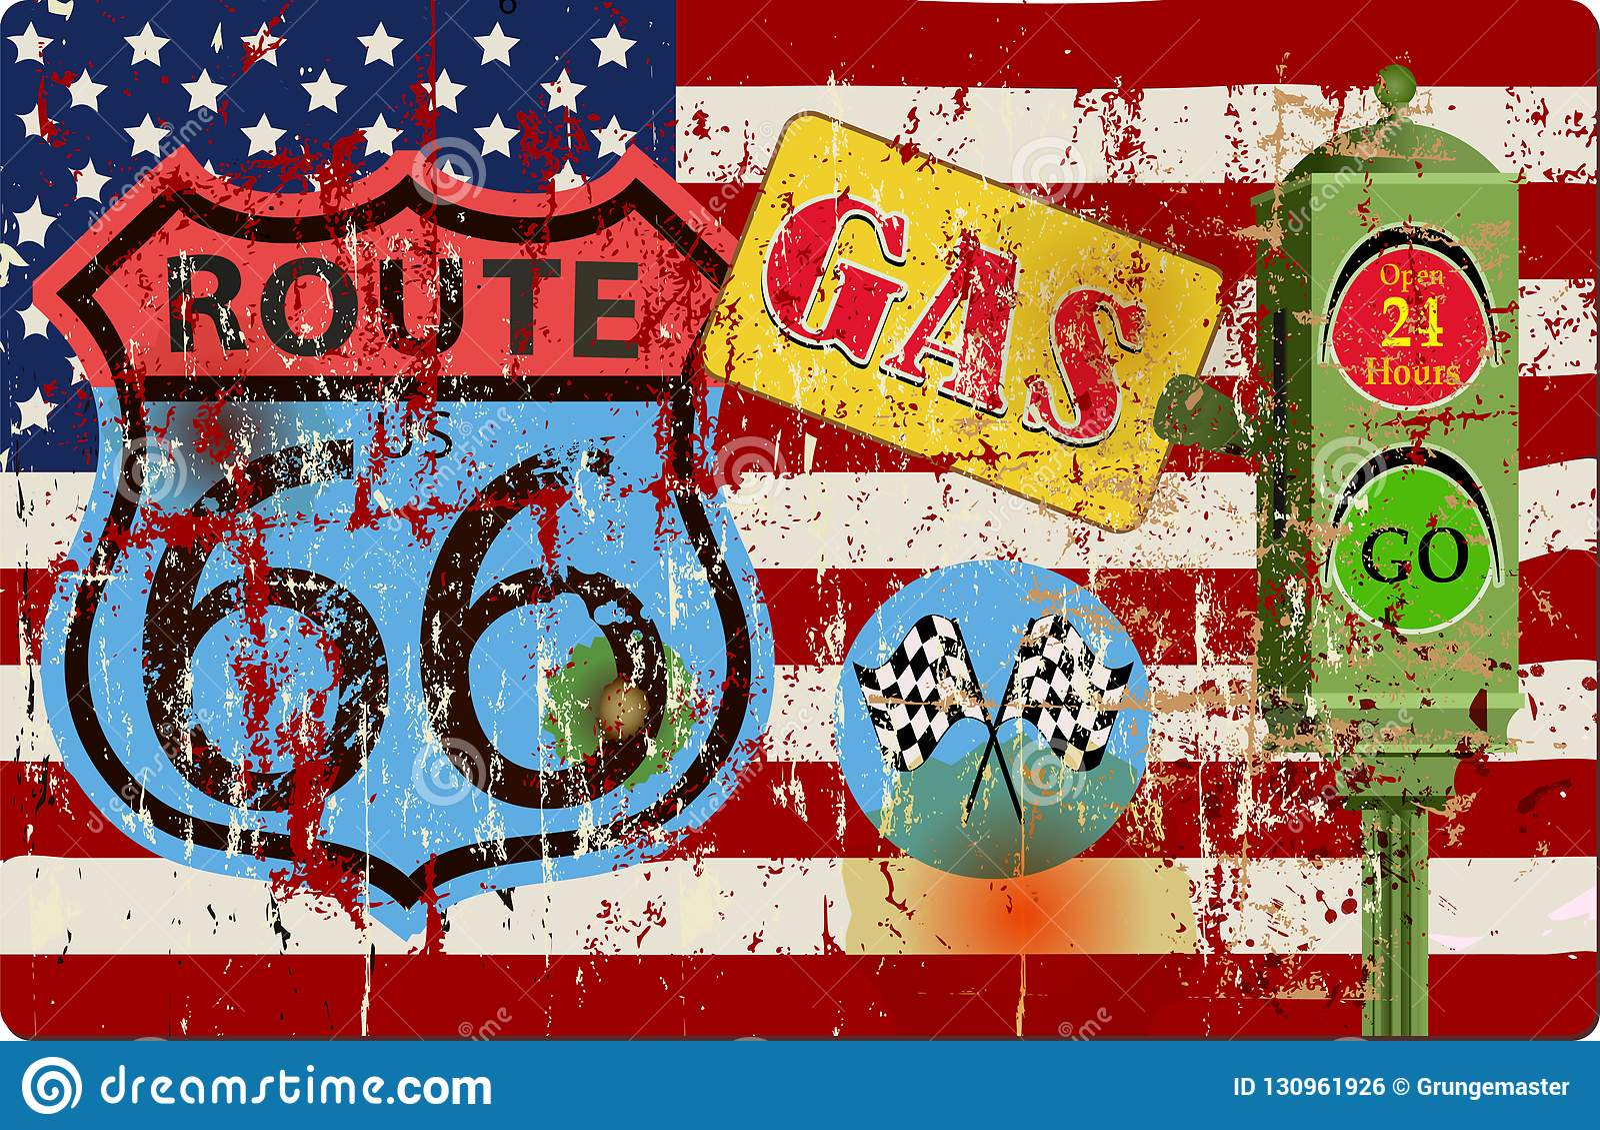 Wijnoogst geslagen route 66 benzinestationteken, vectorillustratie